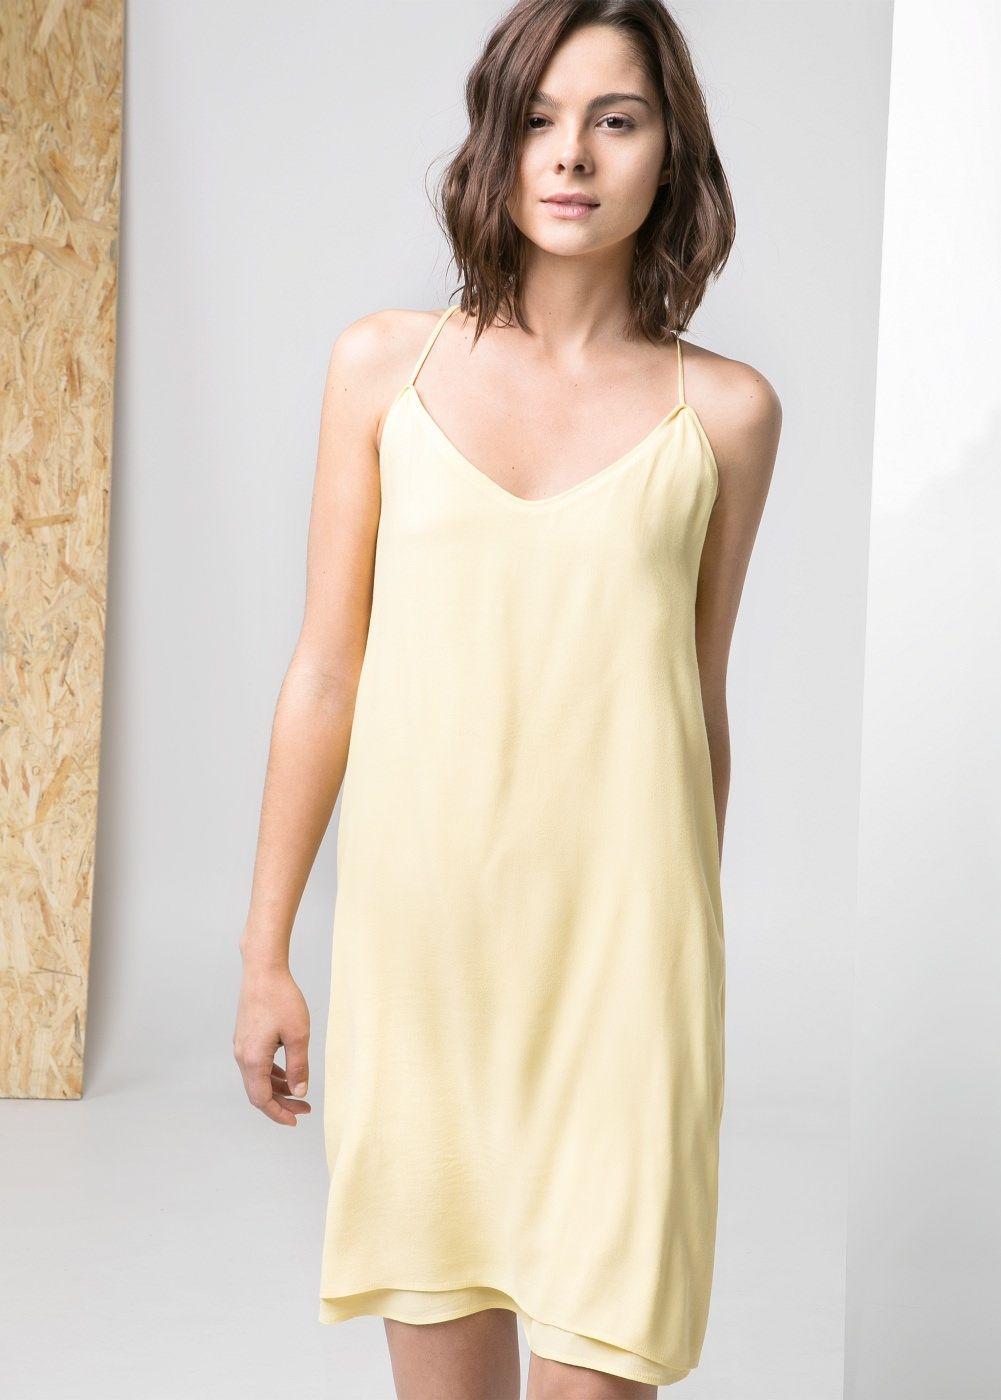 Kleid mit v-ausschnitt - Damen   Wäsche